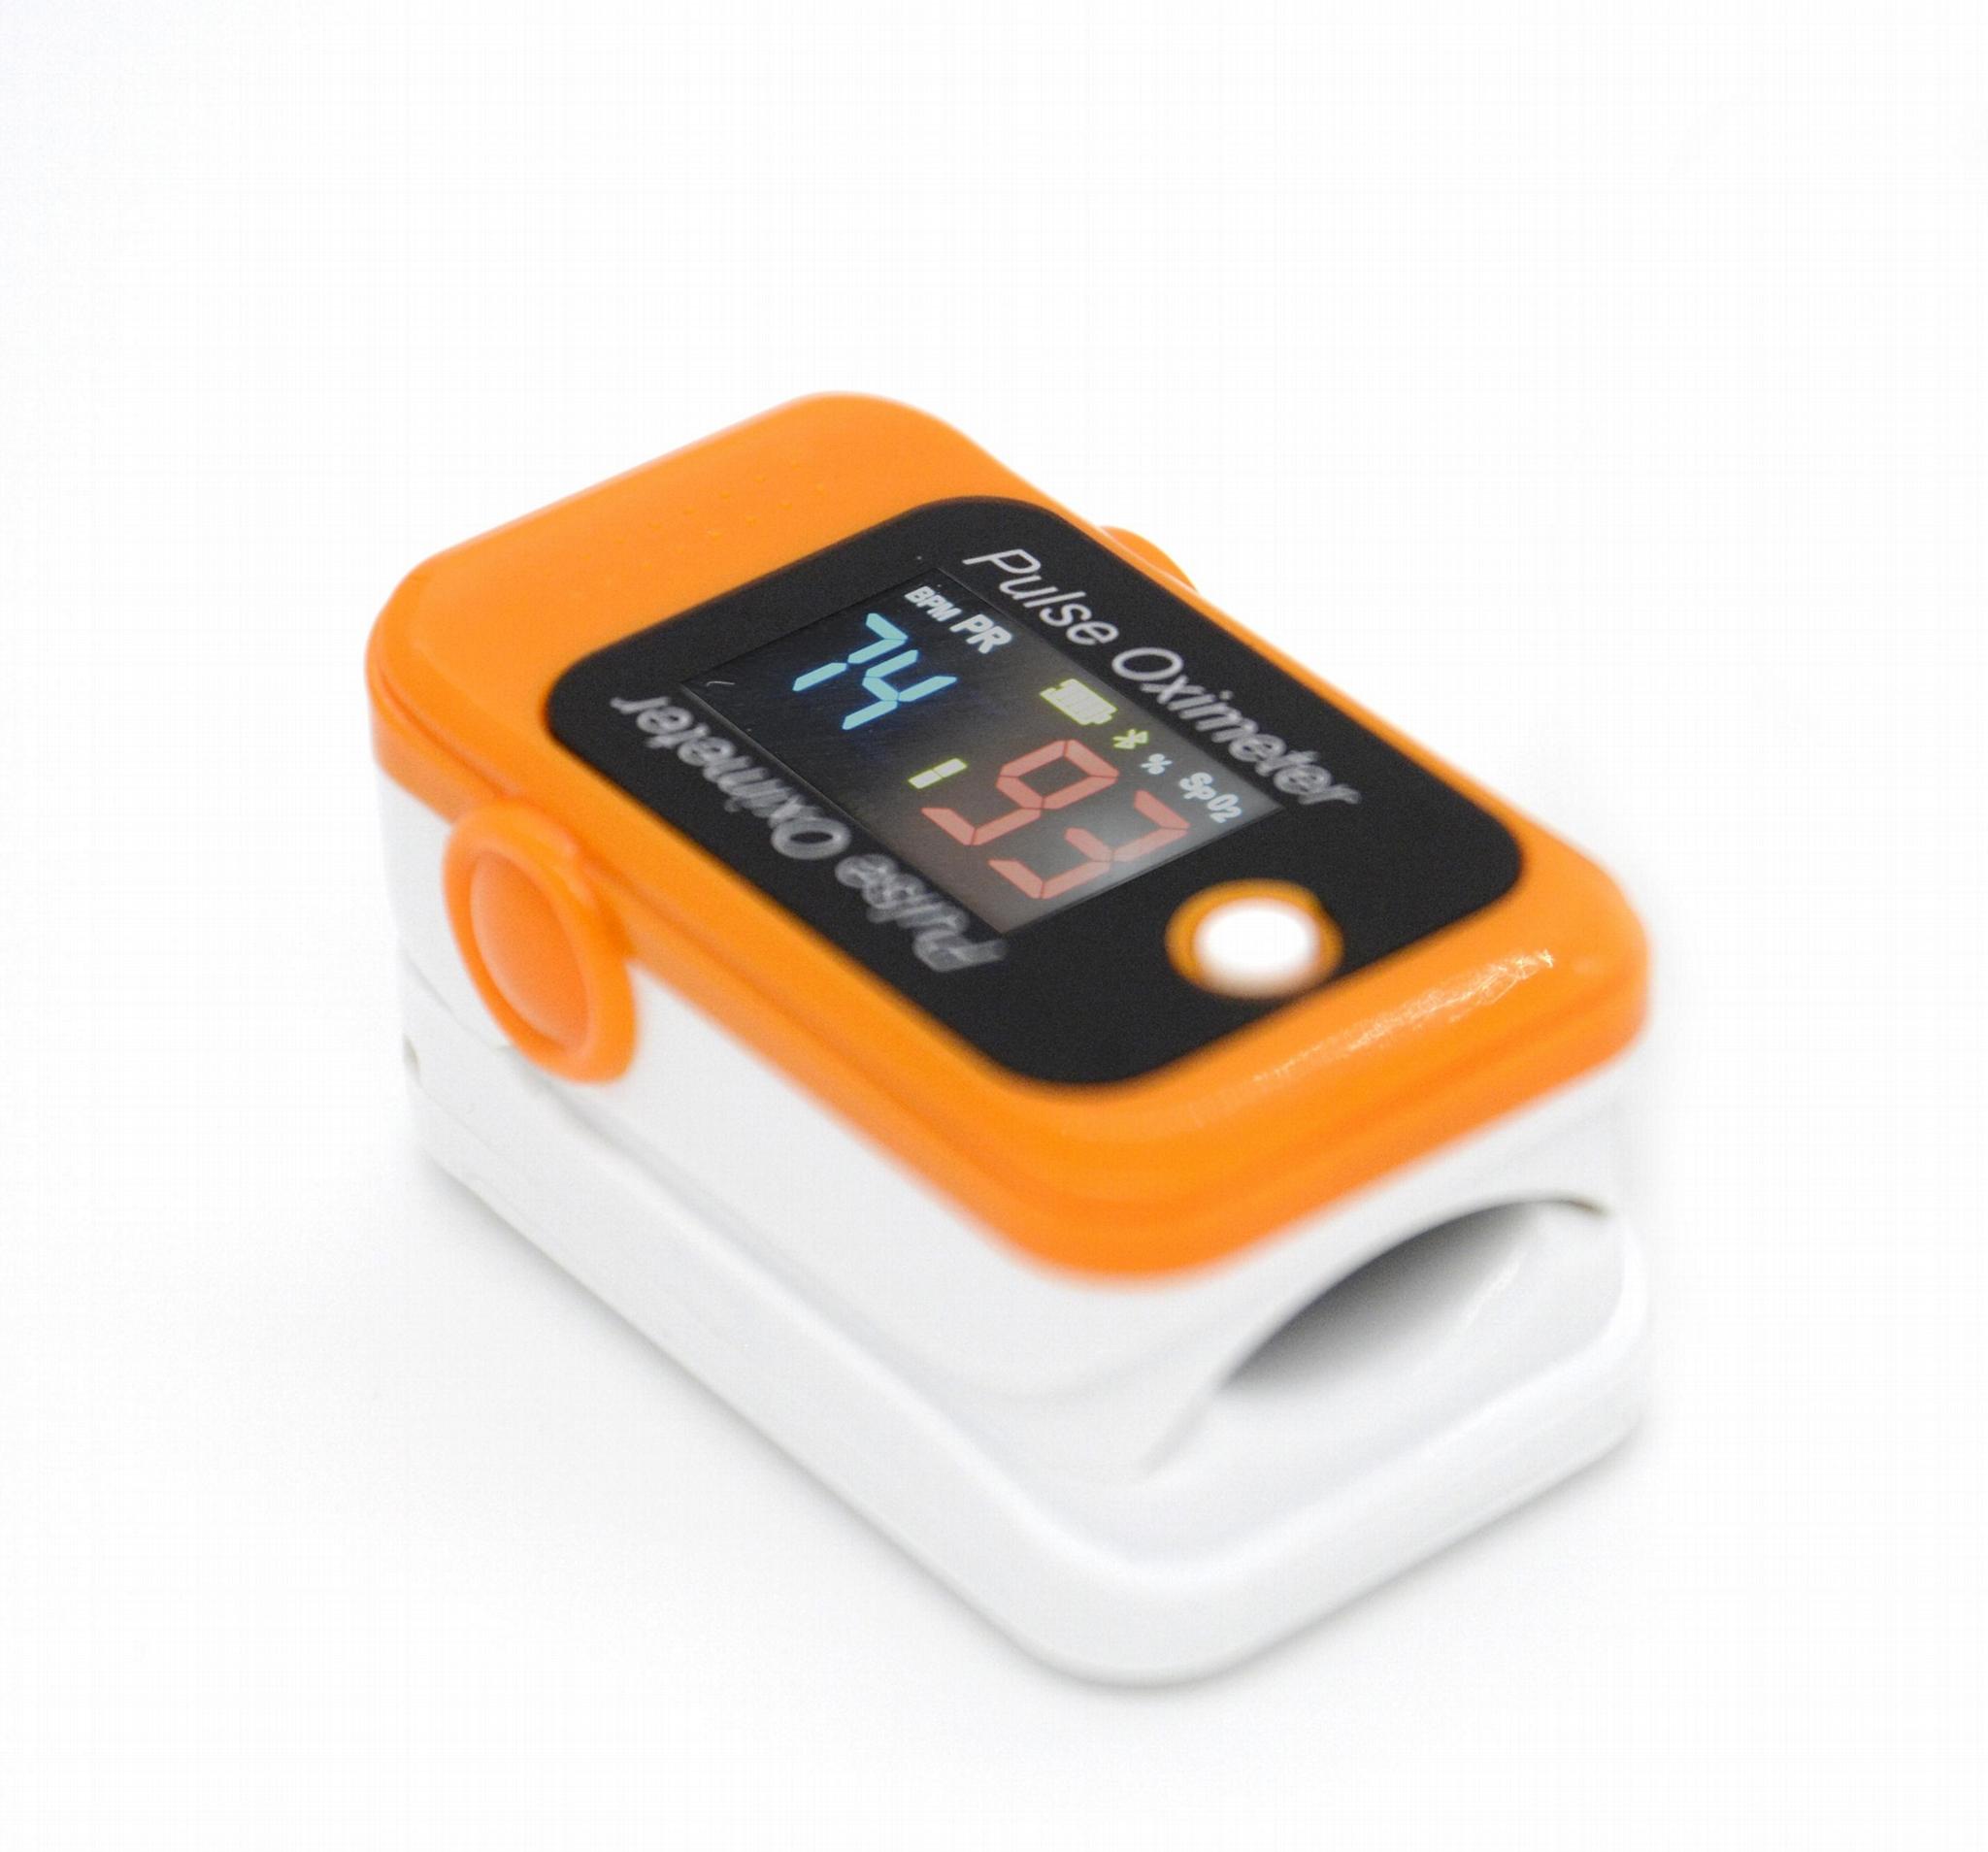 全新设计的廉价OLED屏指尖脉搏血氧仪 2